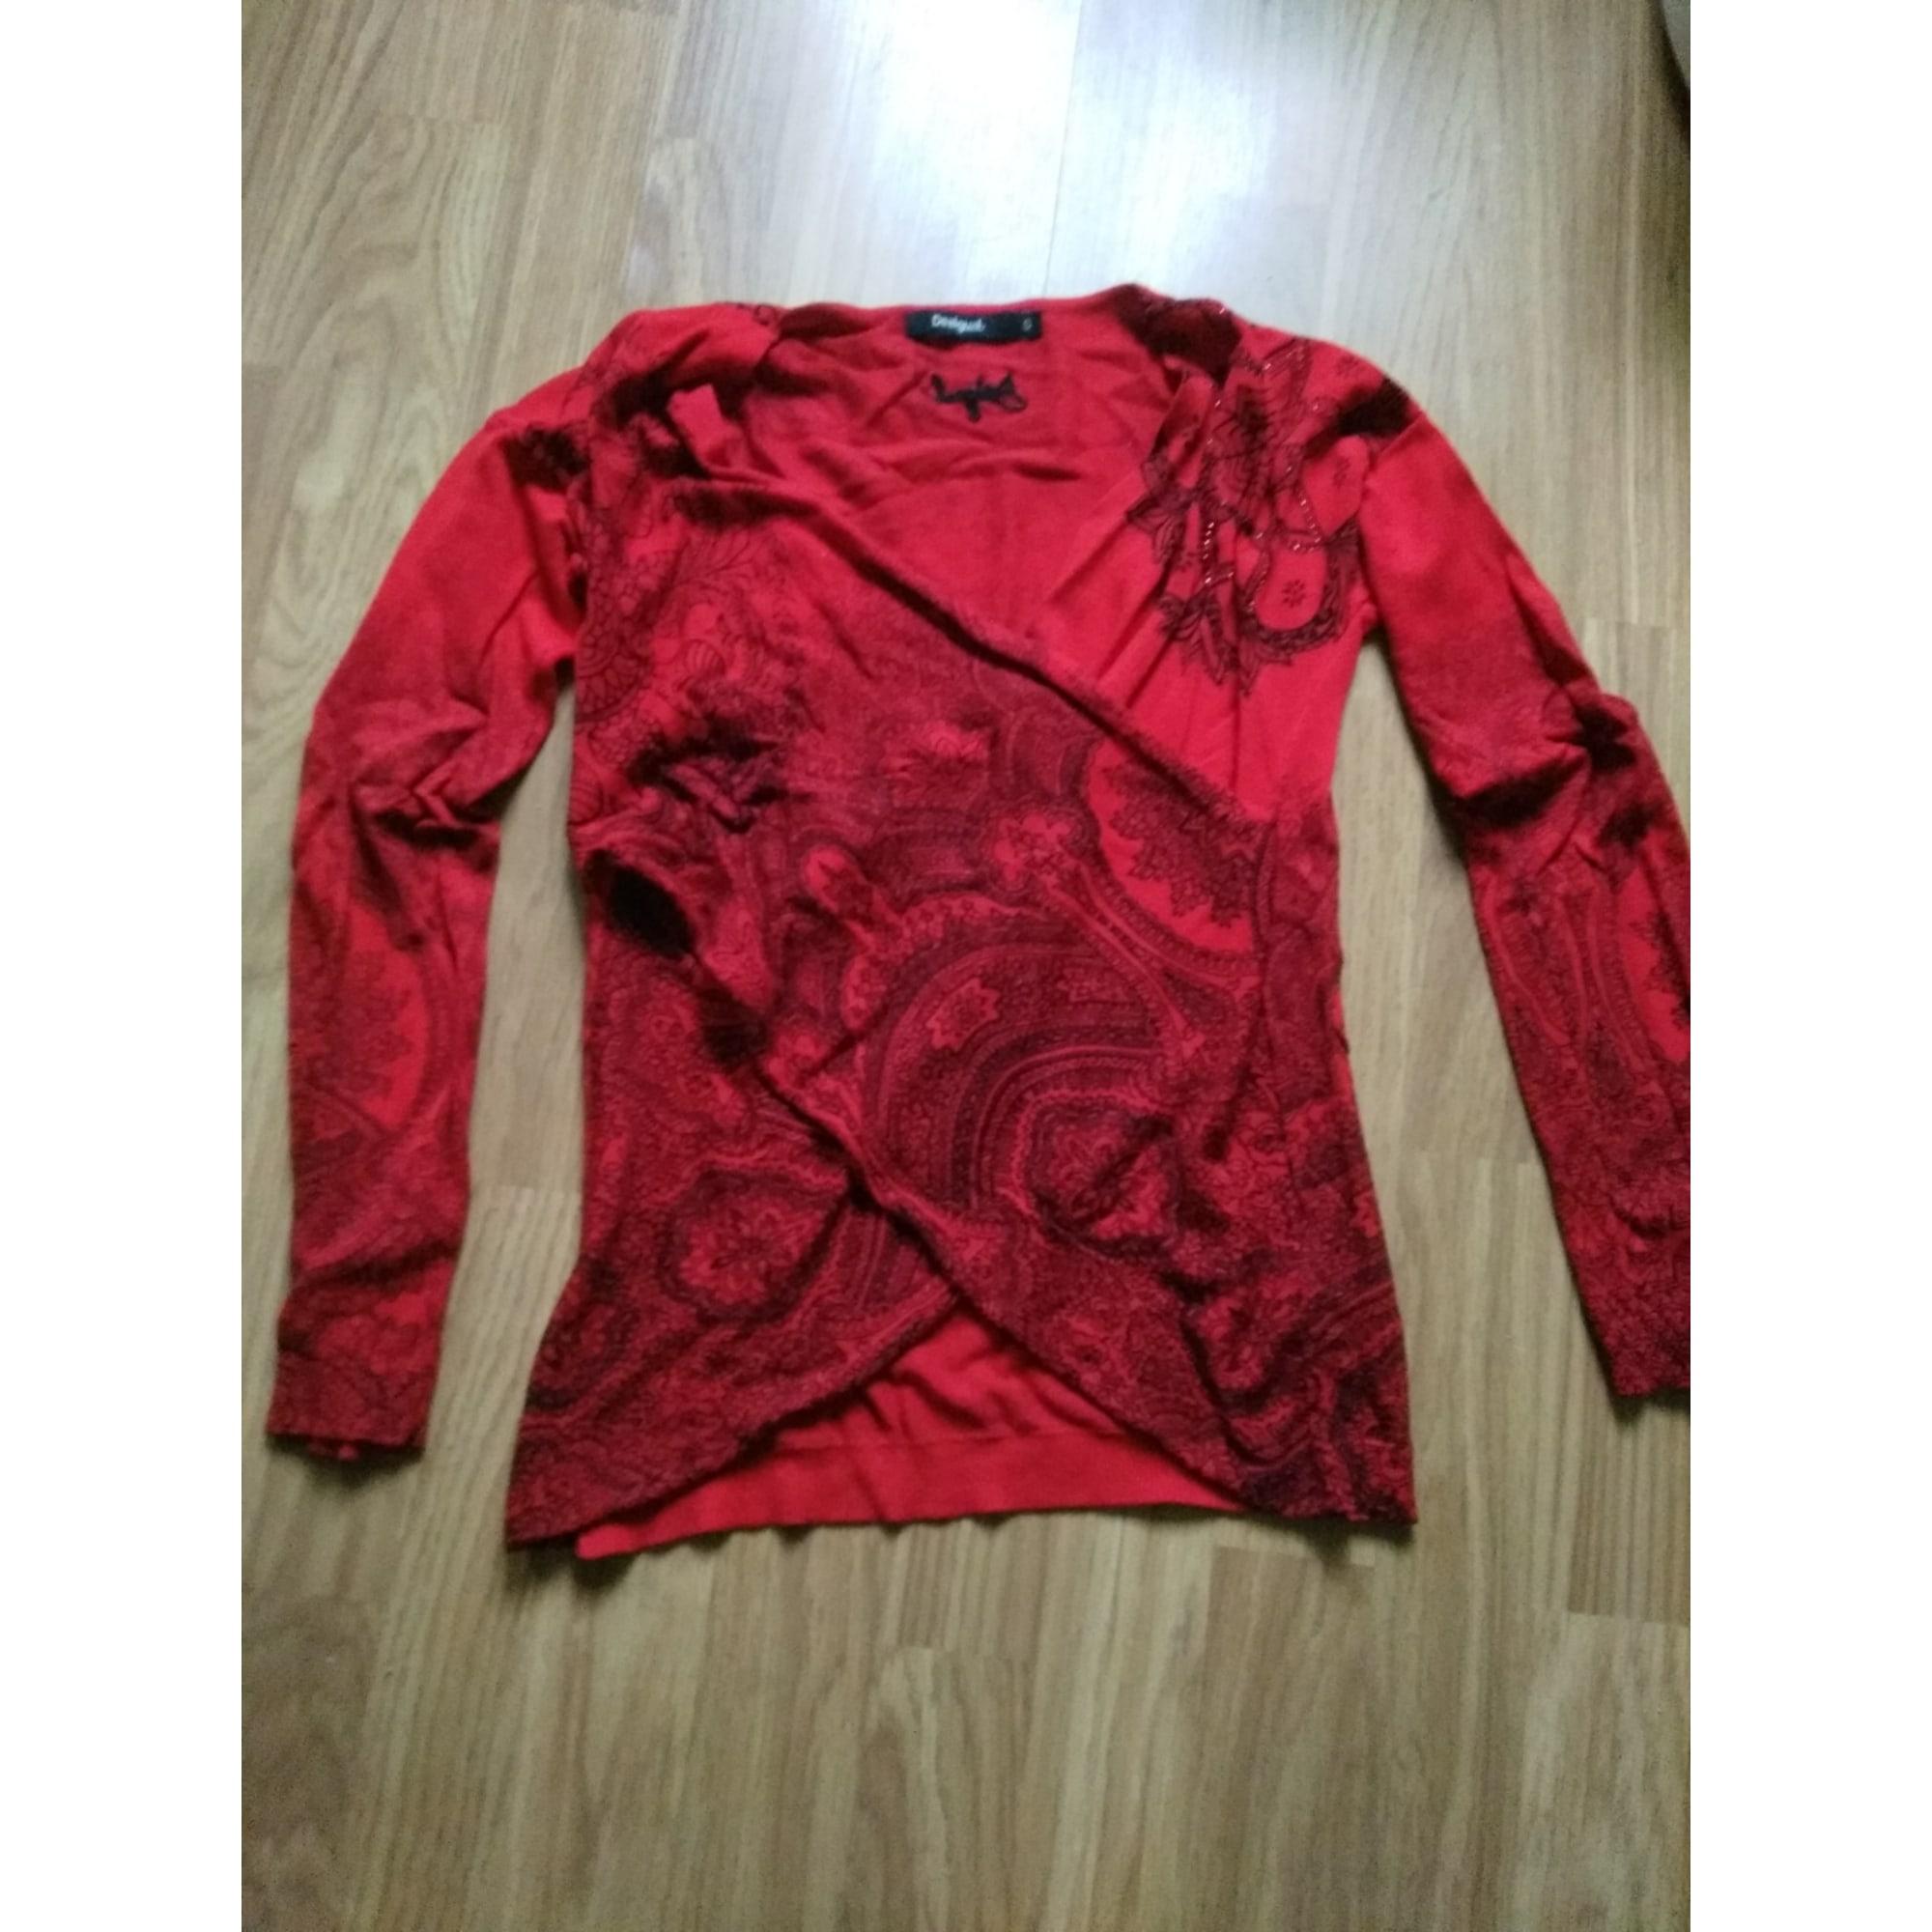 Pull DESIGUAL rouge et noir